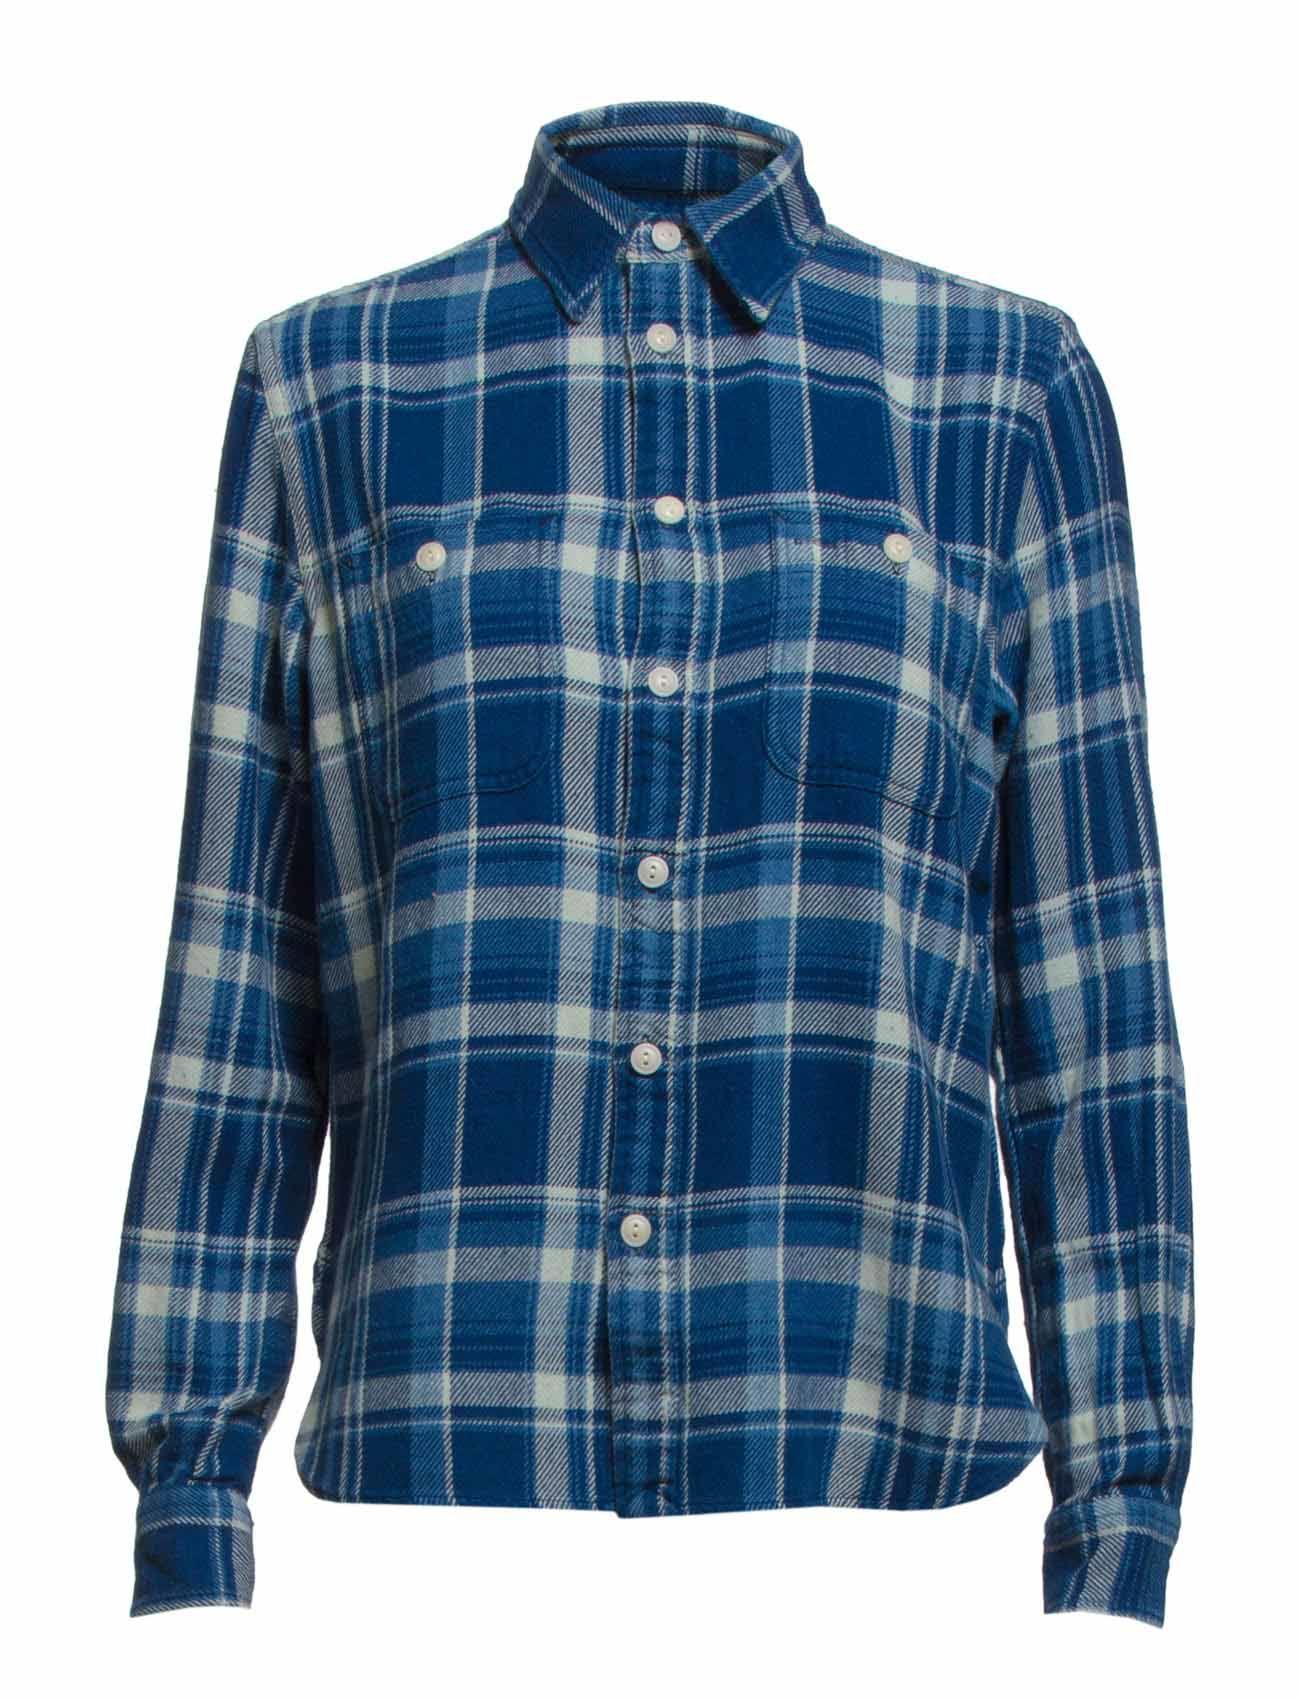 Farrell Wkst Ls Shirt